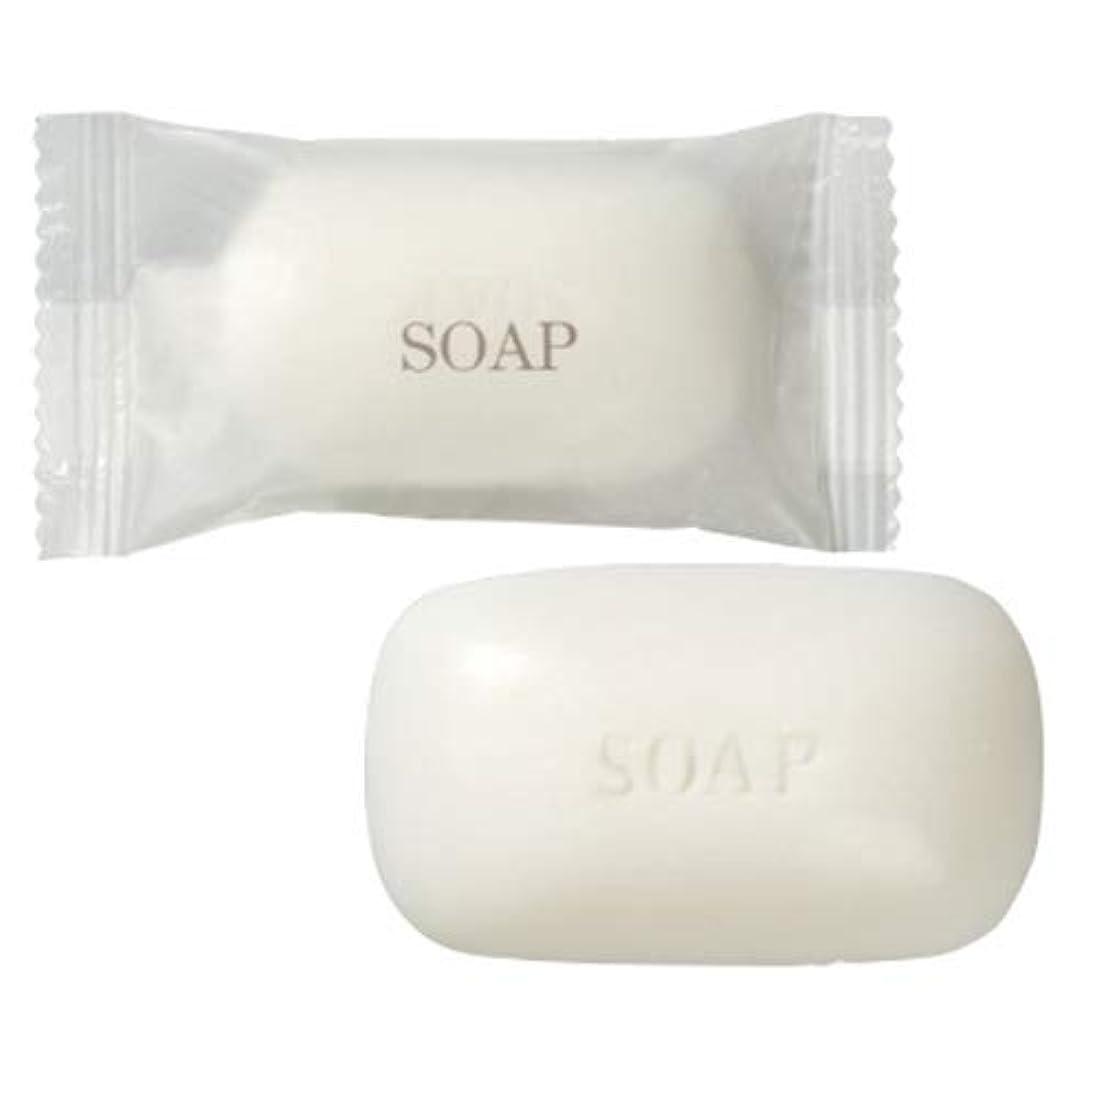 瀬戸際気性アメリカ業務用 フィードソープ(FEED SOAP) マット袋(M袋) 15g ×50個 | ホテルアメニティ 個包装